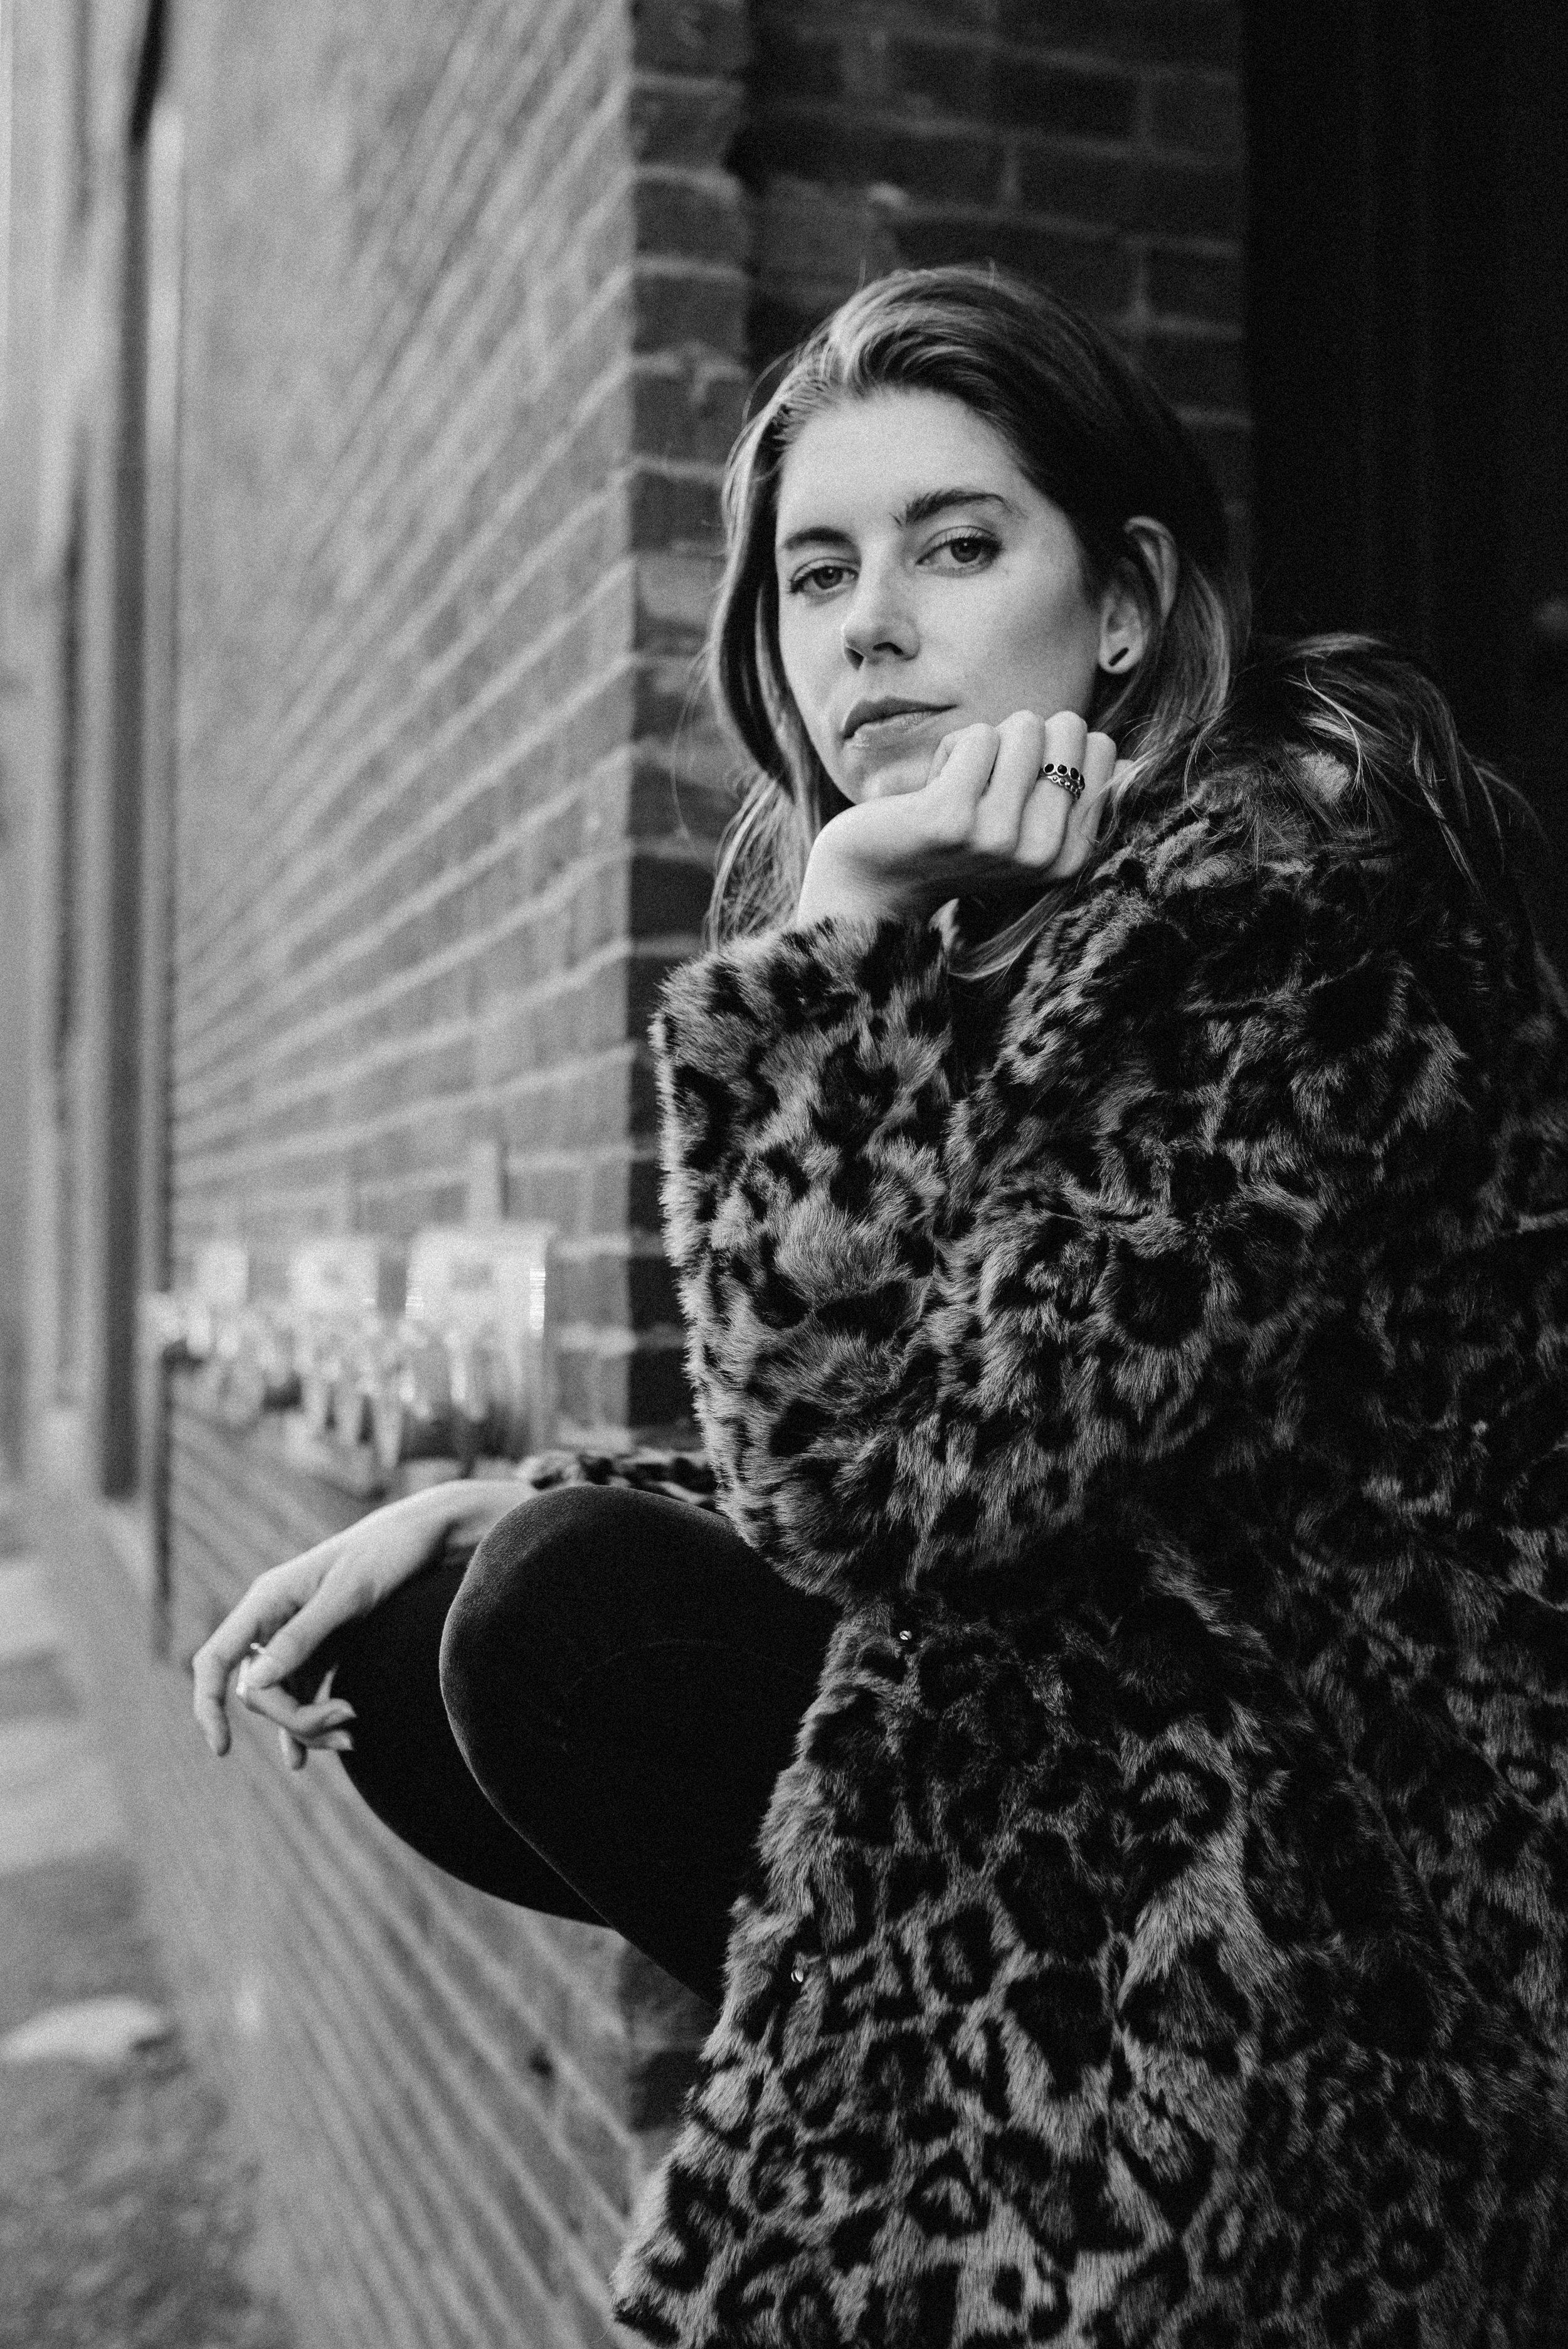 Boston model Amy Friel